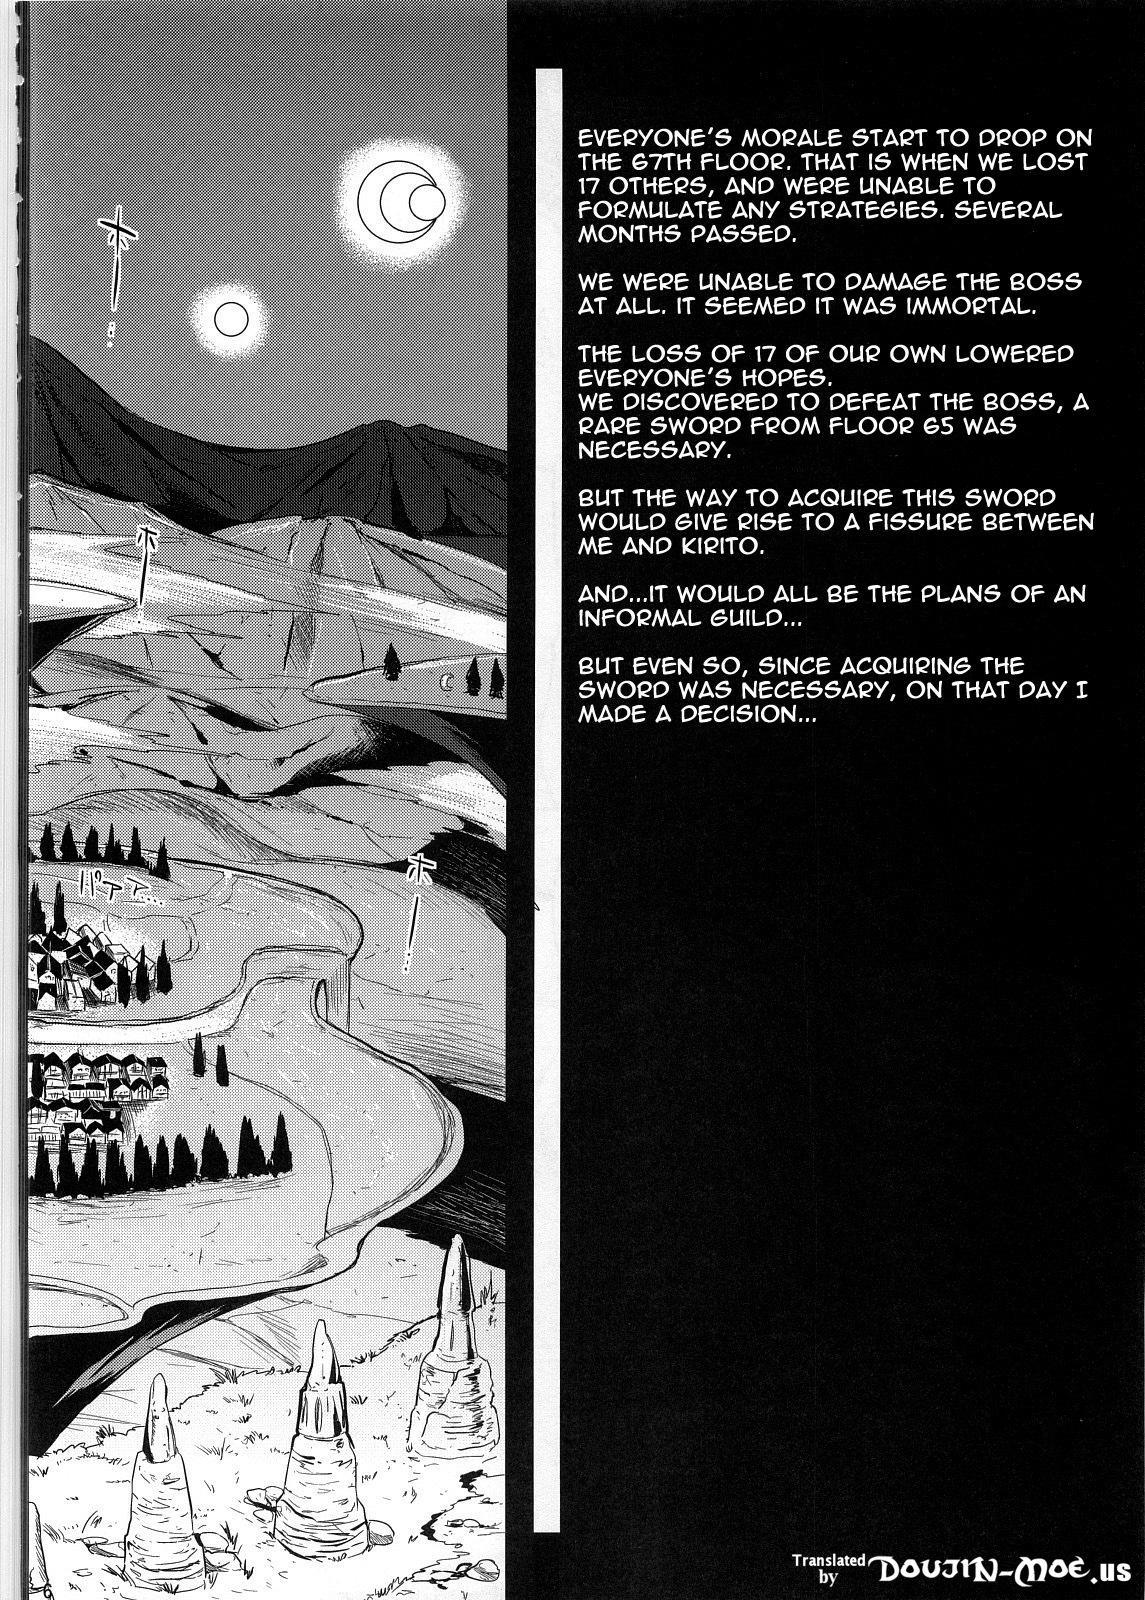 (C83) [YURIRU-RARIKA (Kojima Saya, Lazu)] Shujou Seikou II α Watashi... Okasarete Anal ni Mezamemashita | Captive Sex II - After Being R-ped, I was Awakened to Anal (Sword Art Online) [English] {doujin-moe.us} 4